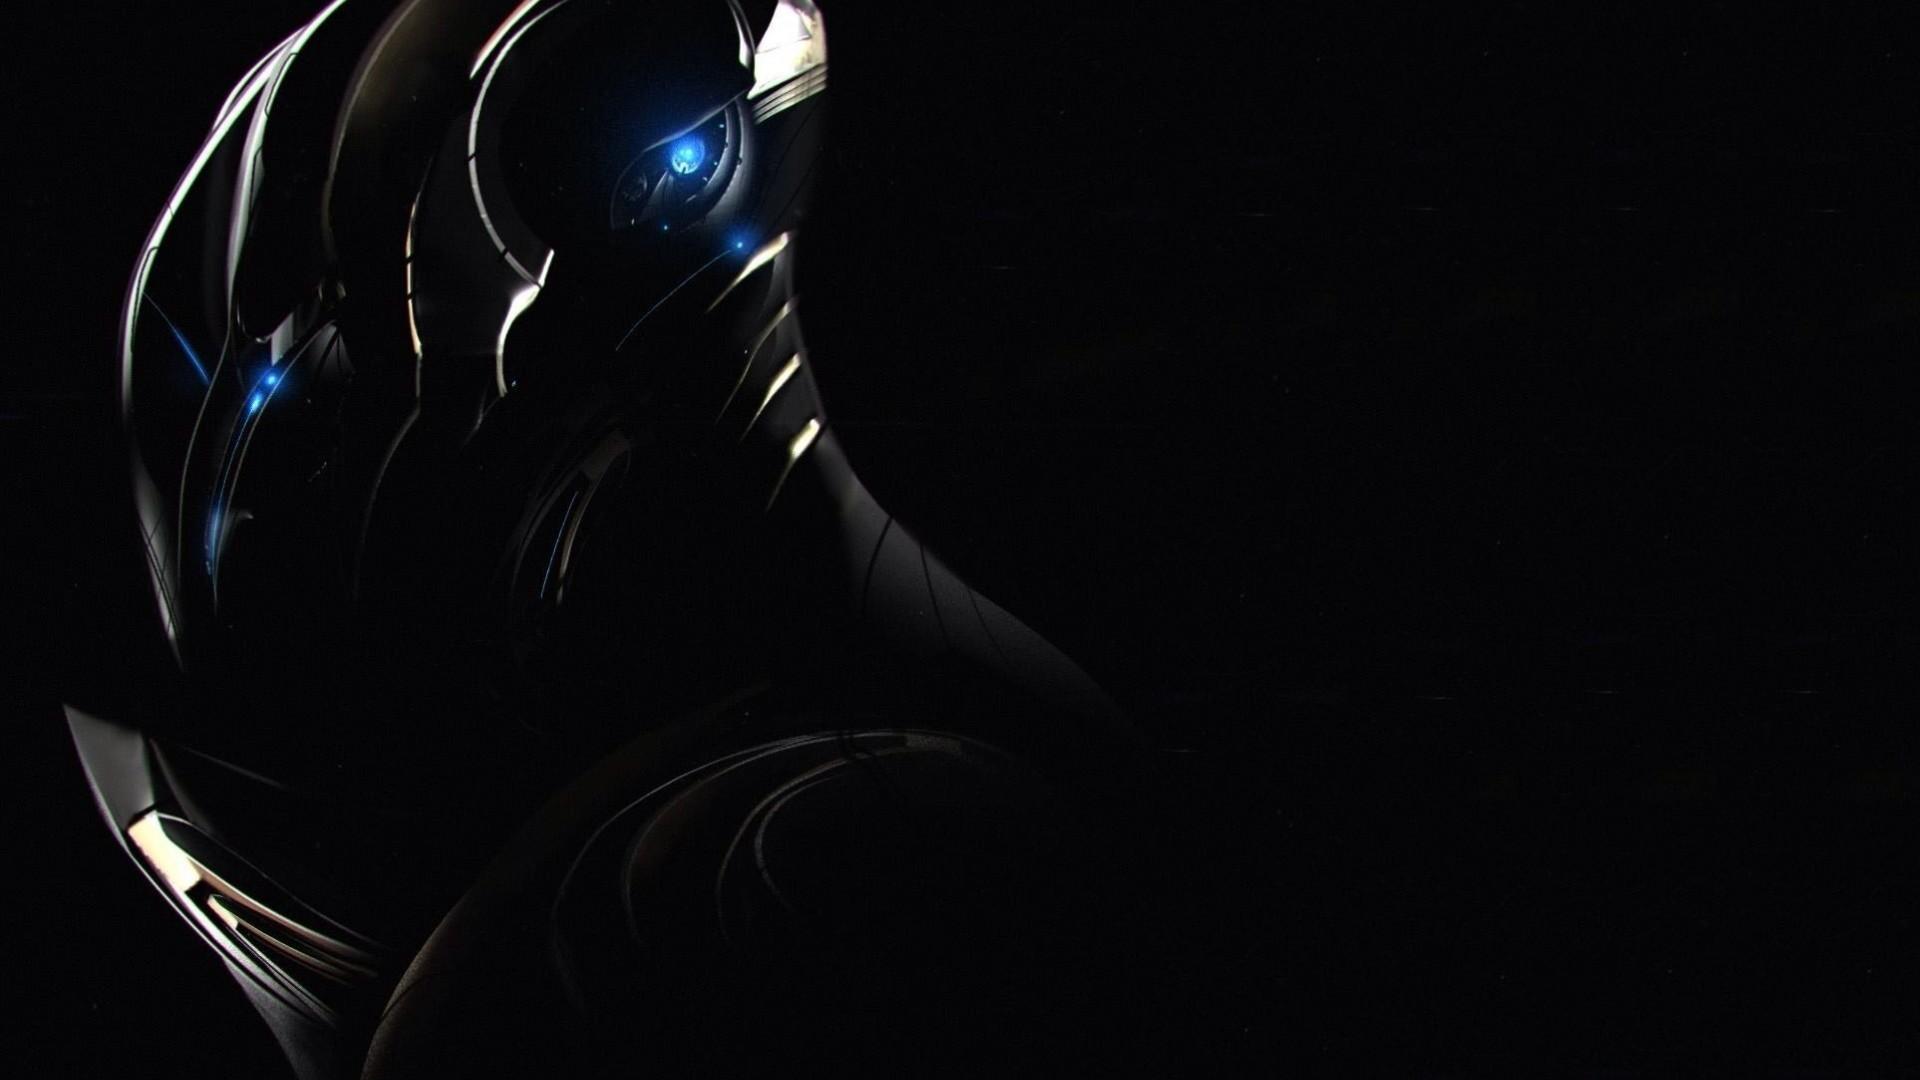 デスクトップ壁紙 黒 青 Sf 光 闇 コンピュータの壁紙 19x1080 Sergiucoj 848 デスクトップ 壁紙 Wallhere